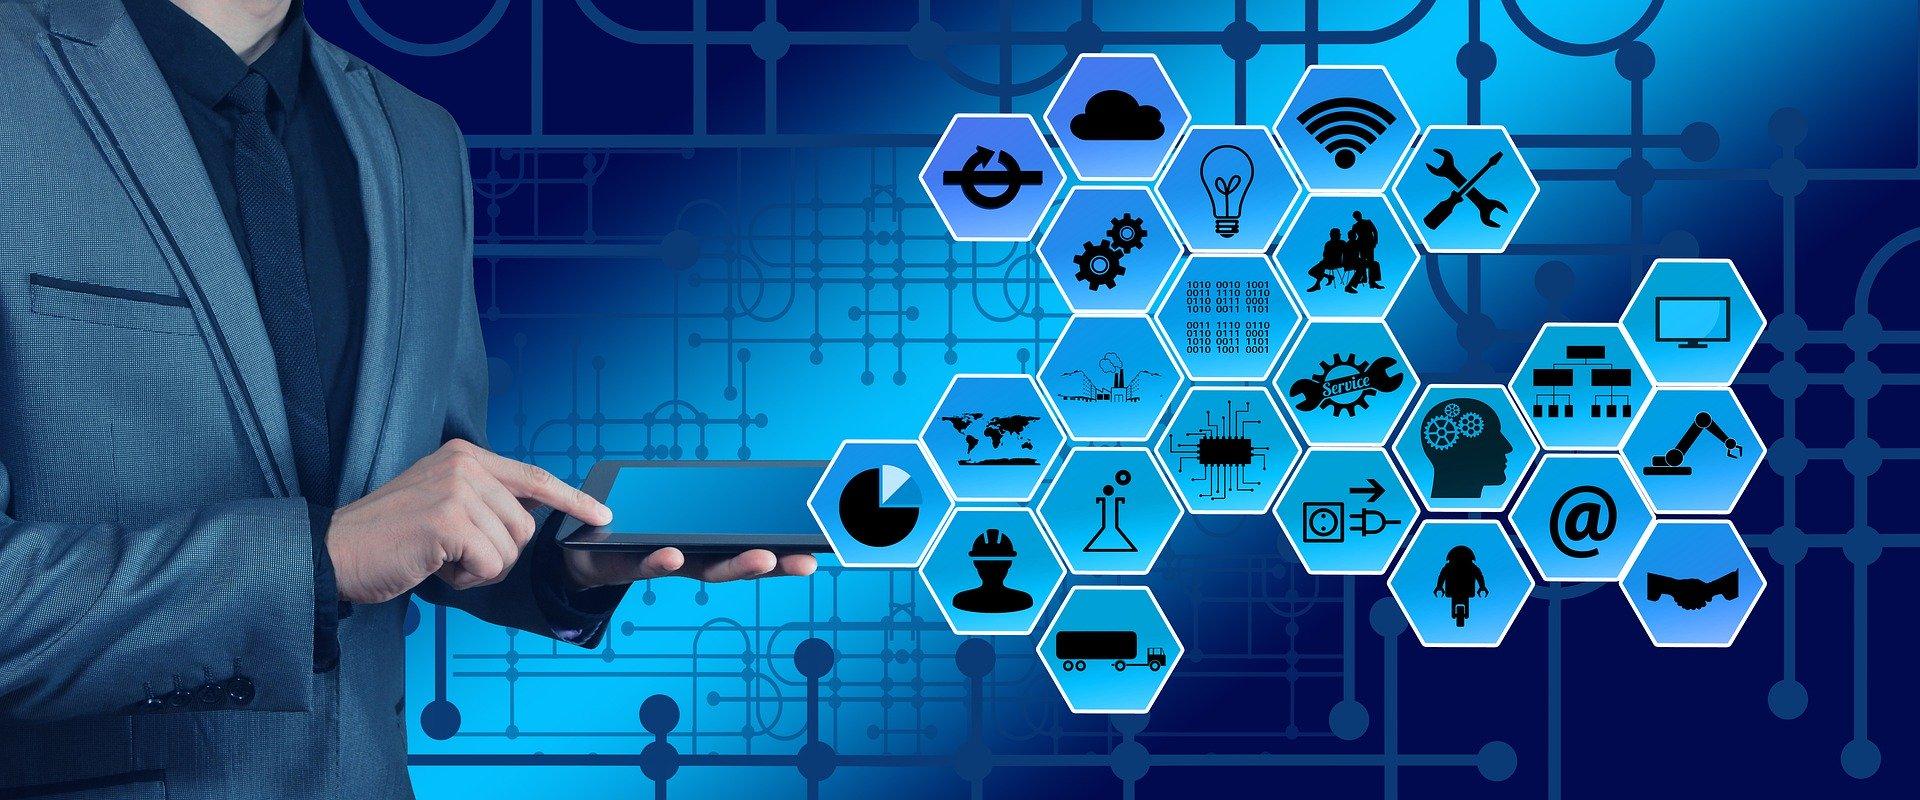 Erfolgsfaktoren für Plattformgeschäftsmodelle sind eine Invertierung der Organisation und die Nutzung des Netzwerkeffekts